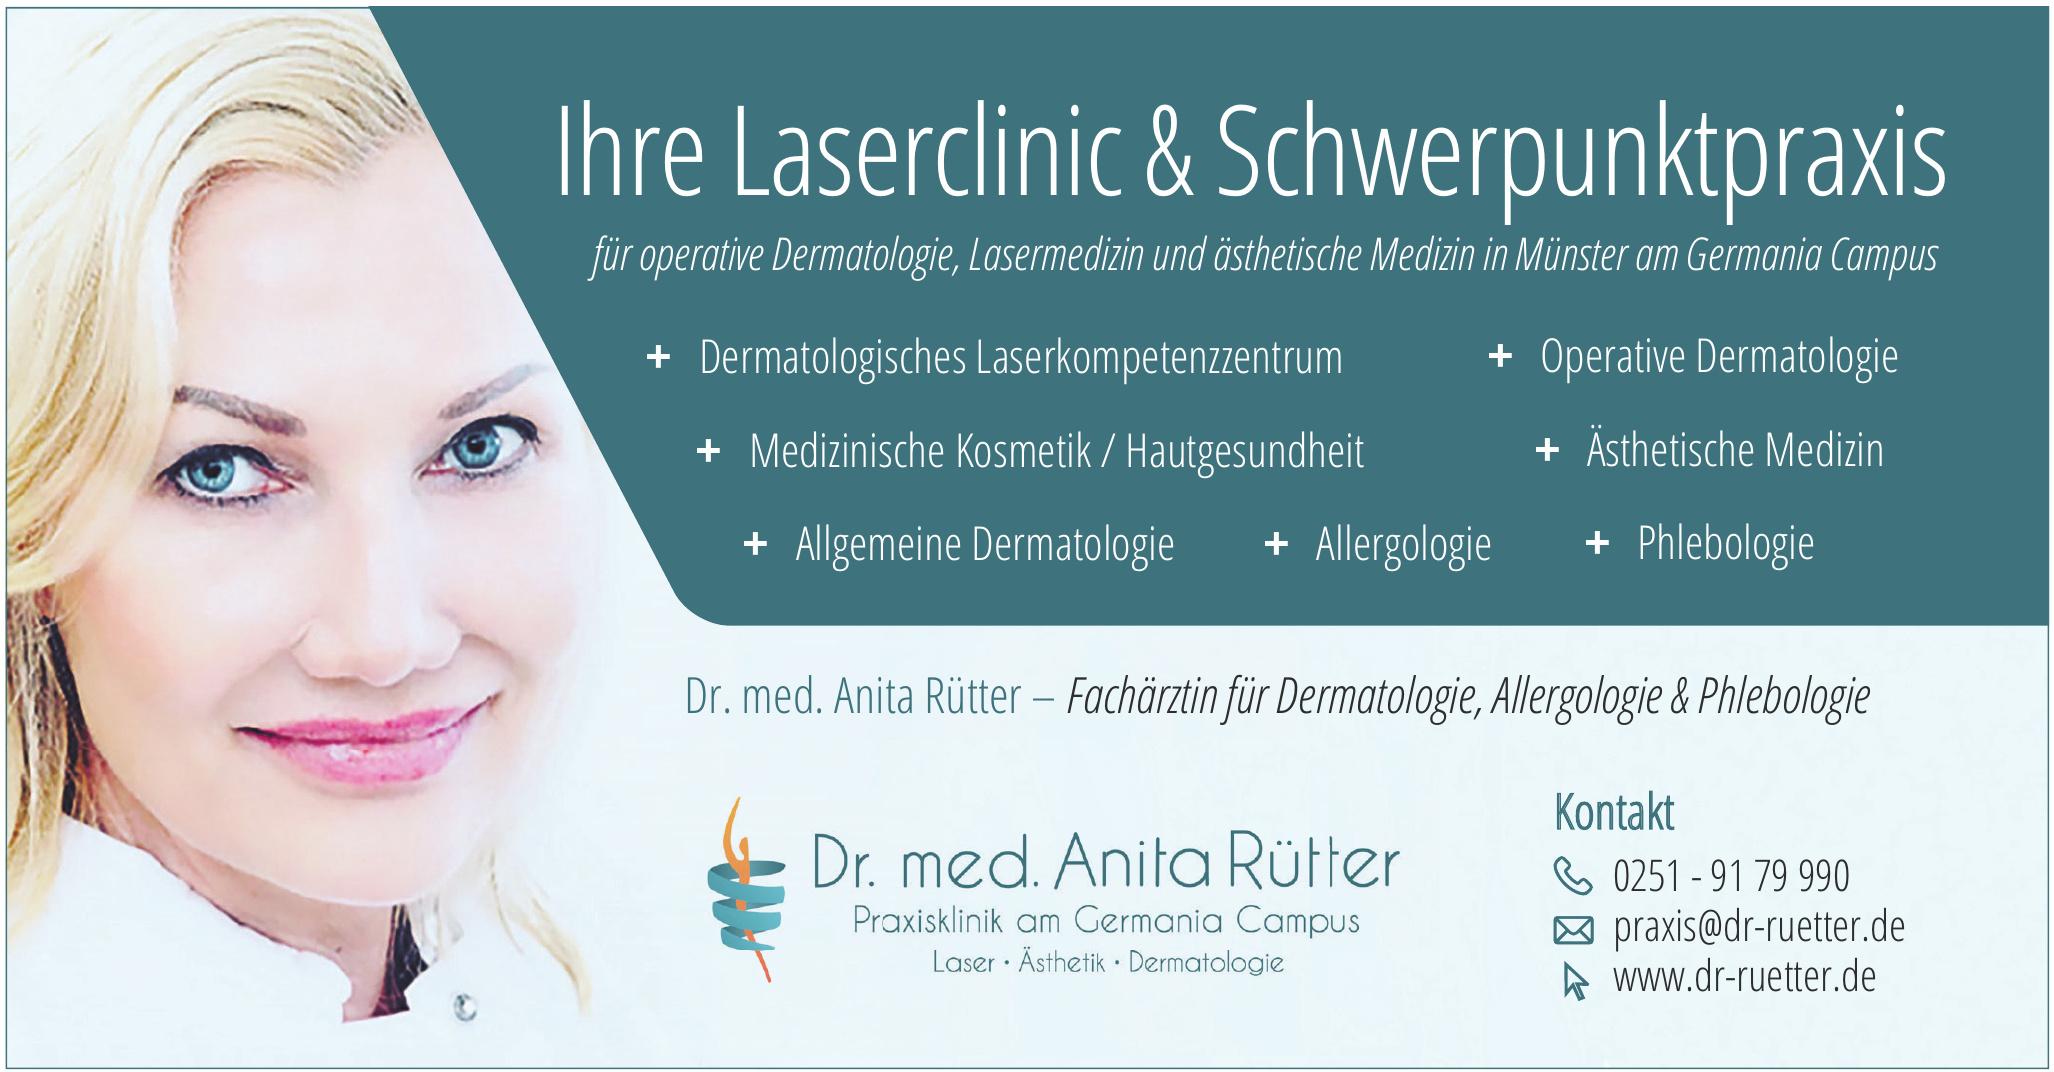 PraxisKlinik  Dr. med. Anita Rütter